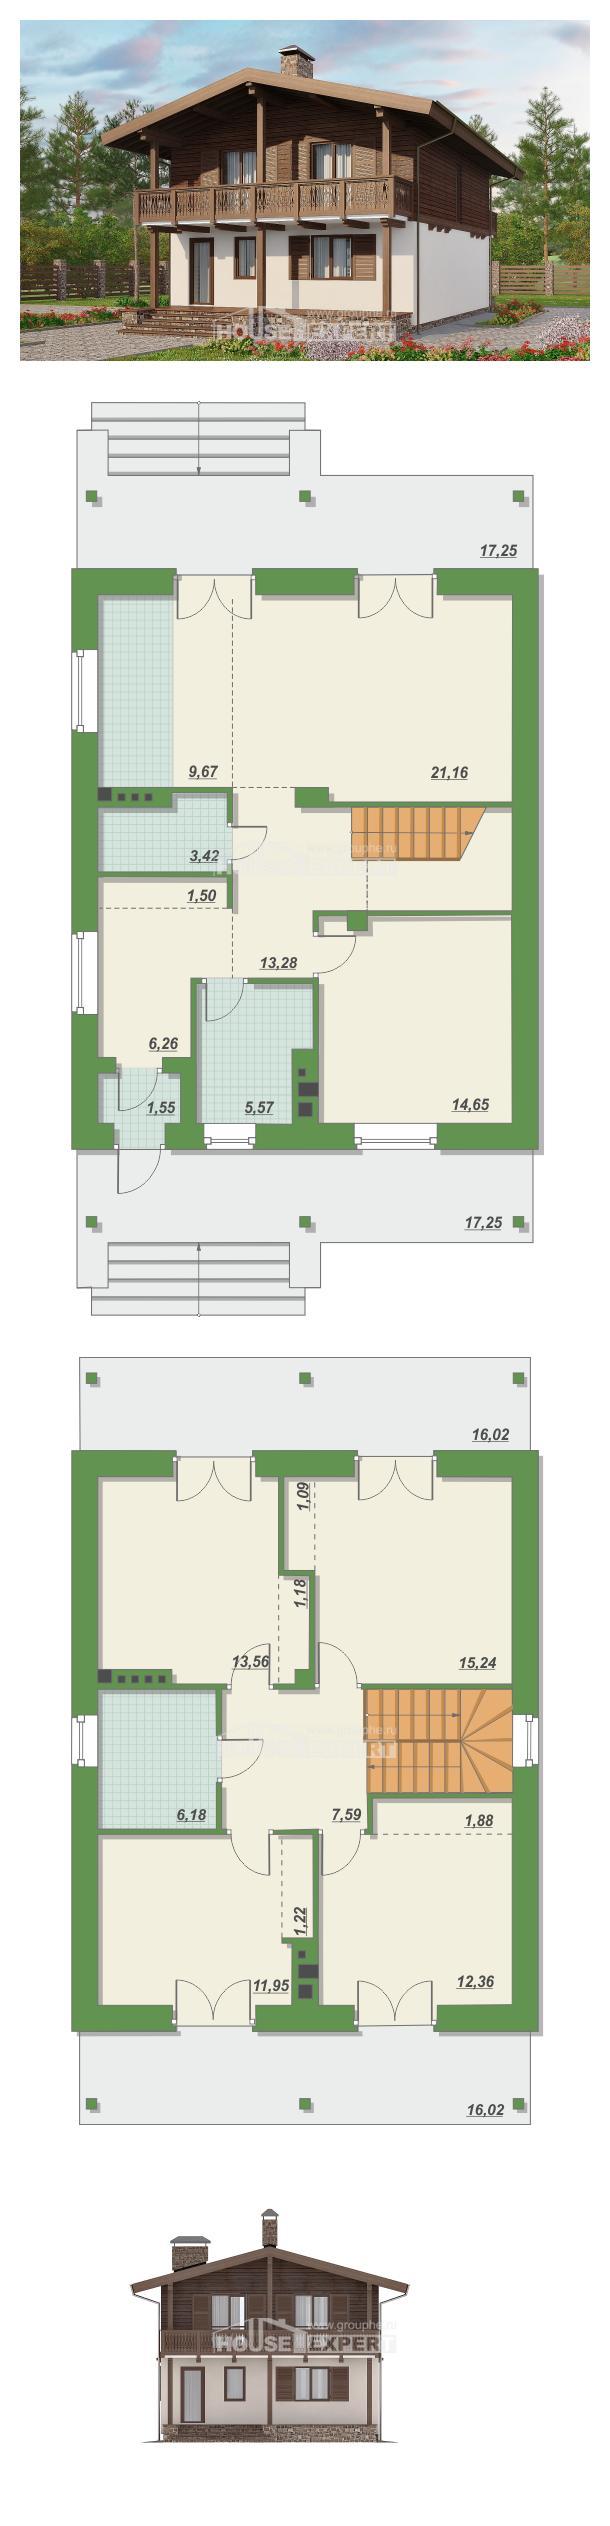 Plan 150-016-L | House Expert